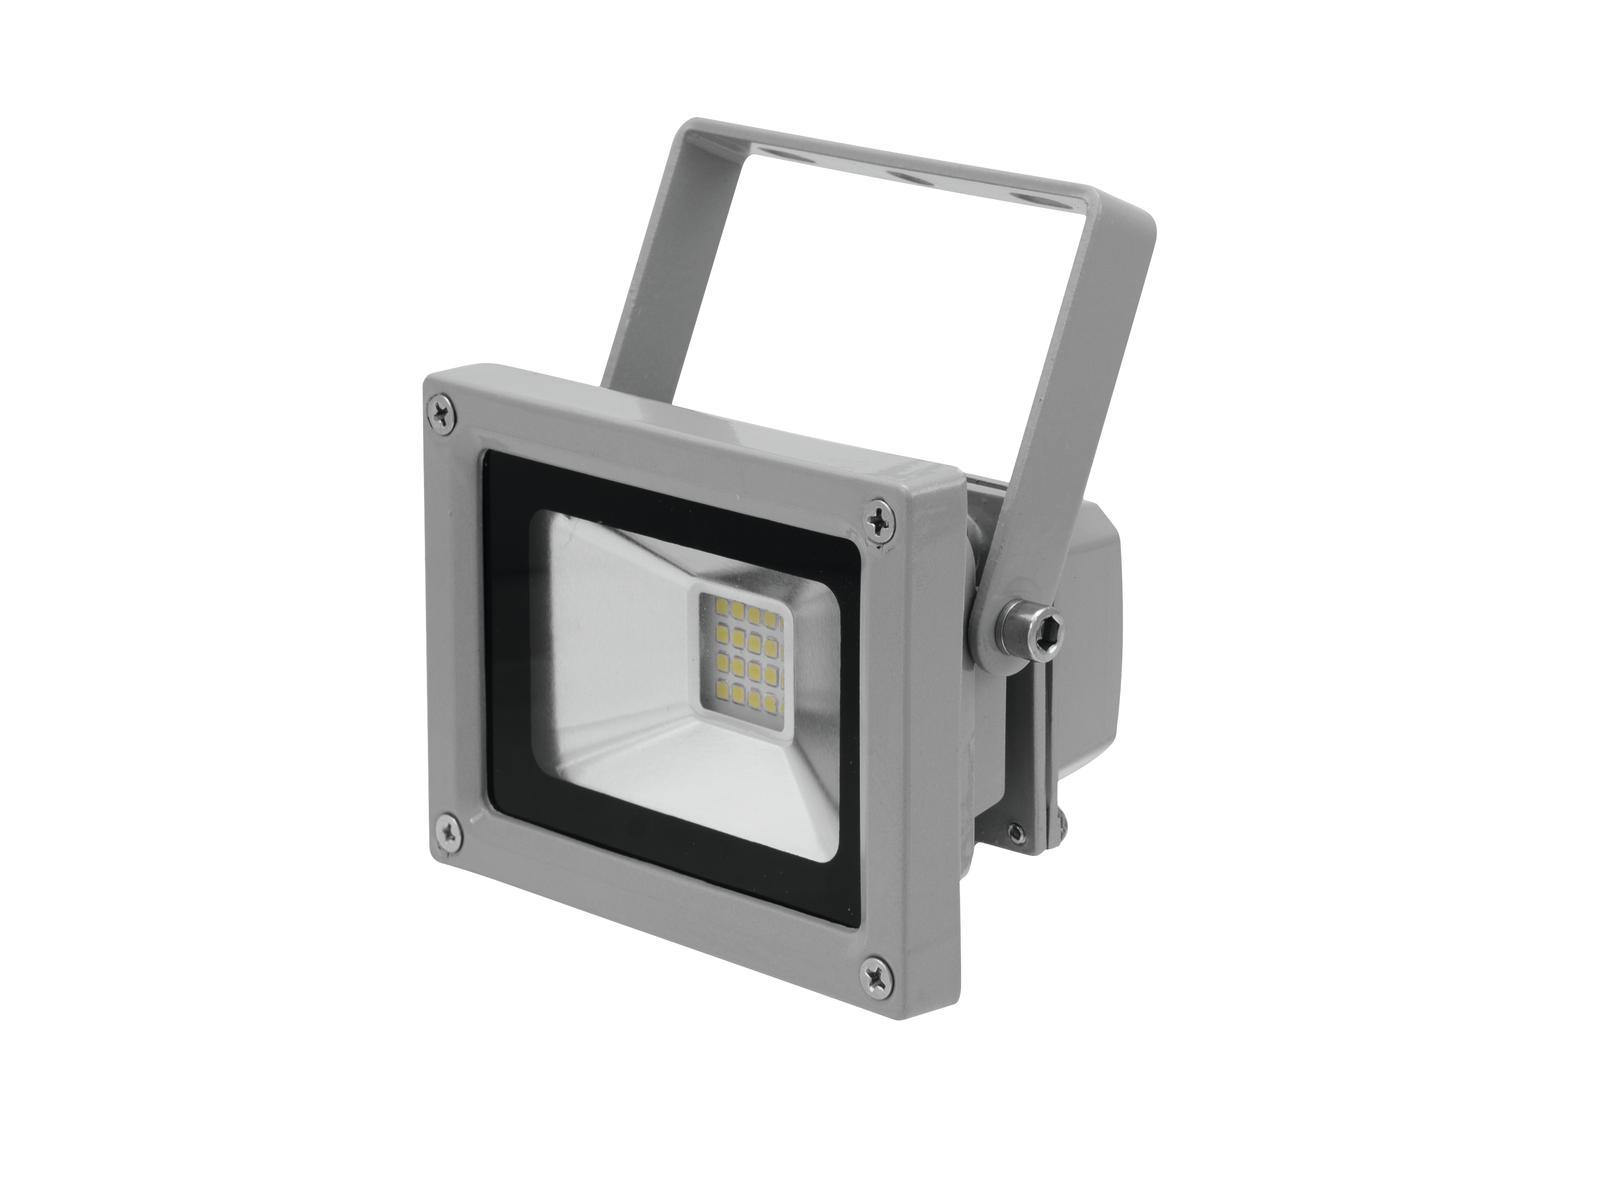 eurolite-led-ip-fl-10-cob-6400k-120a-classic